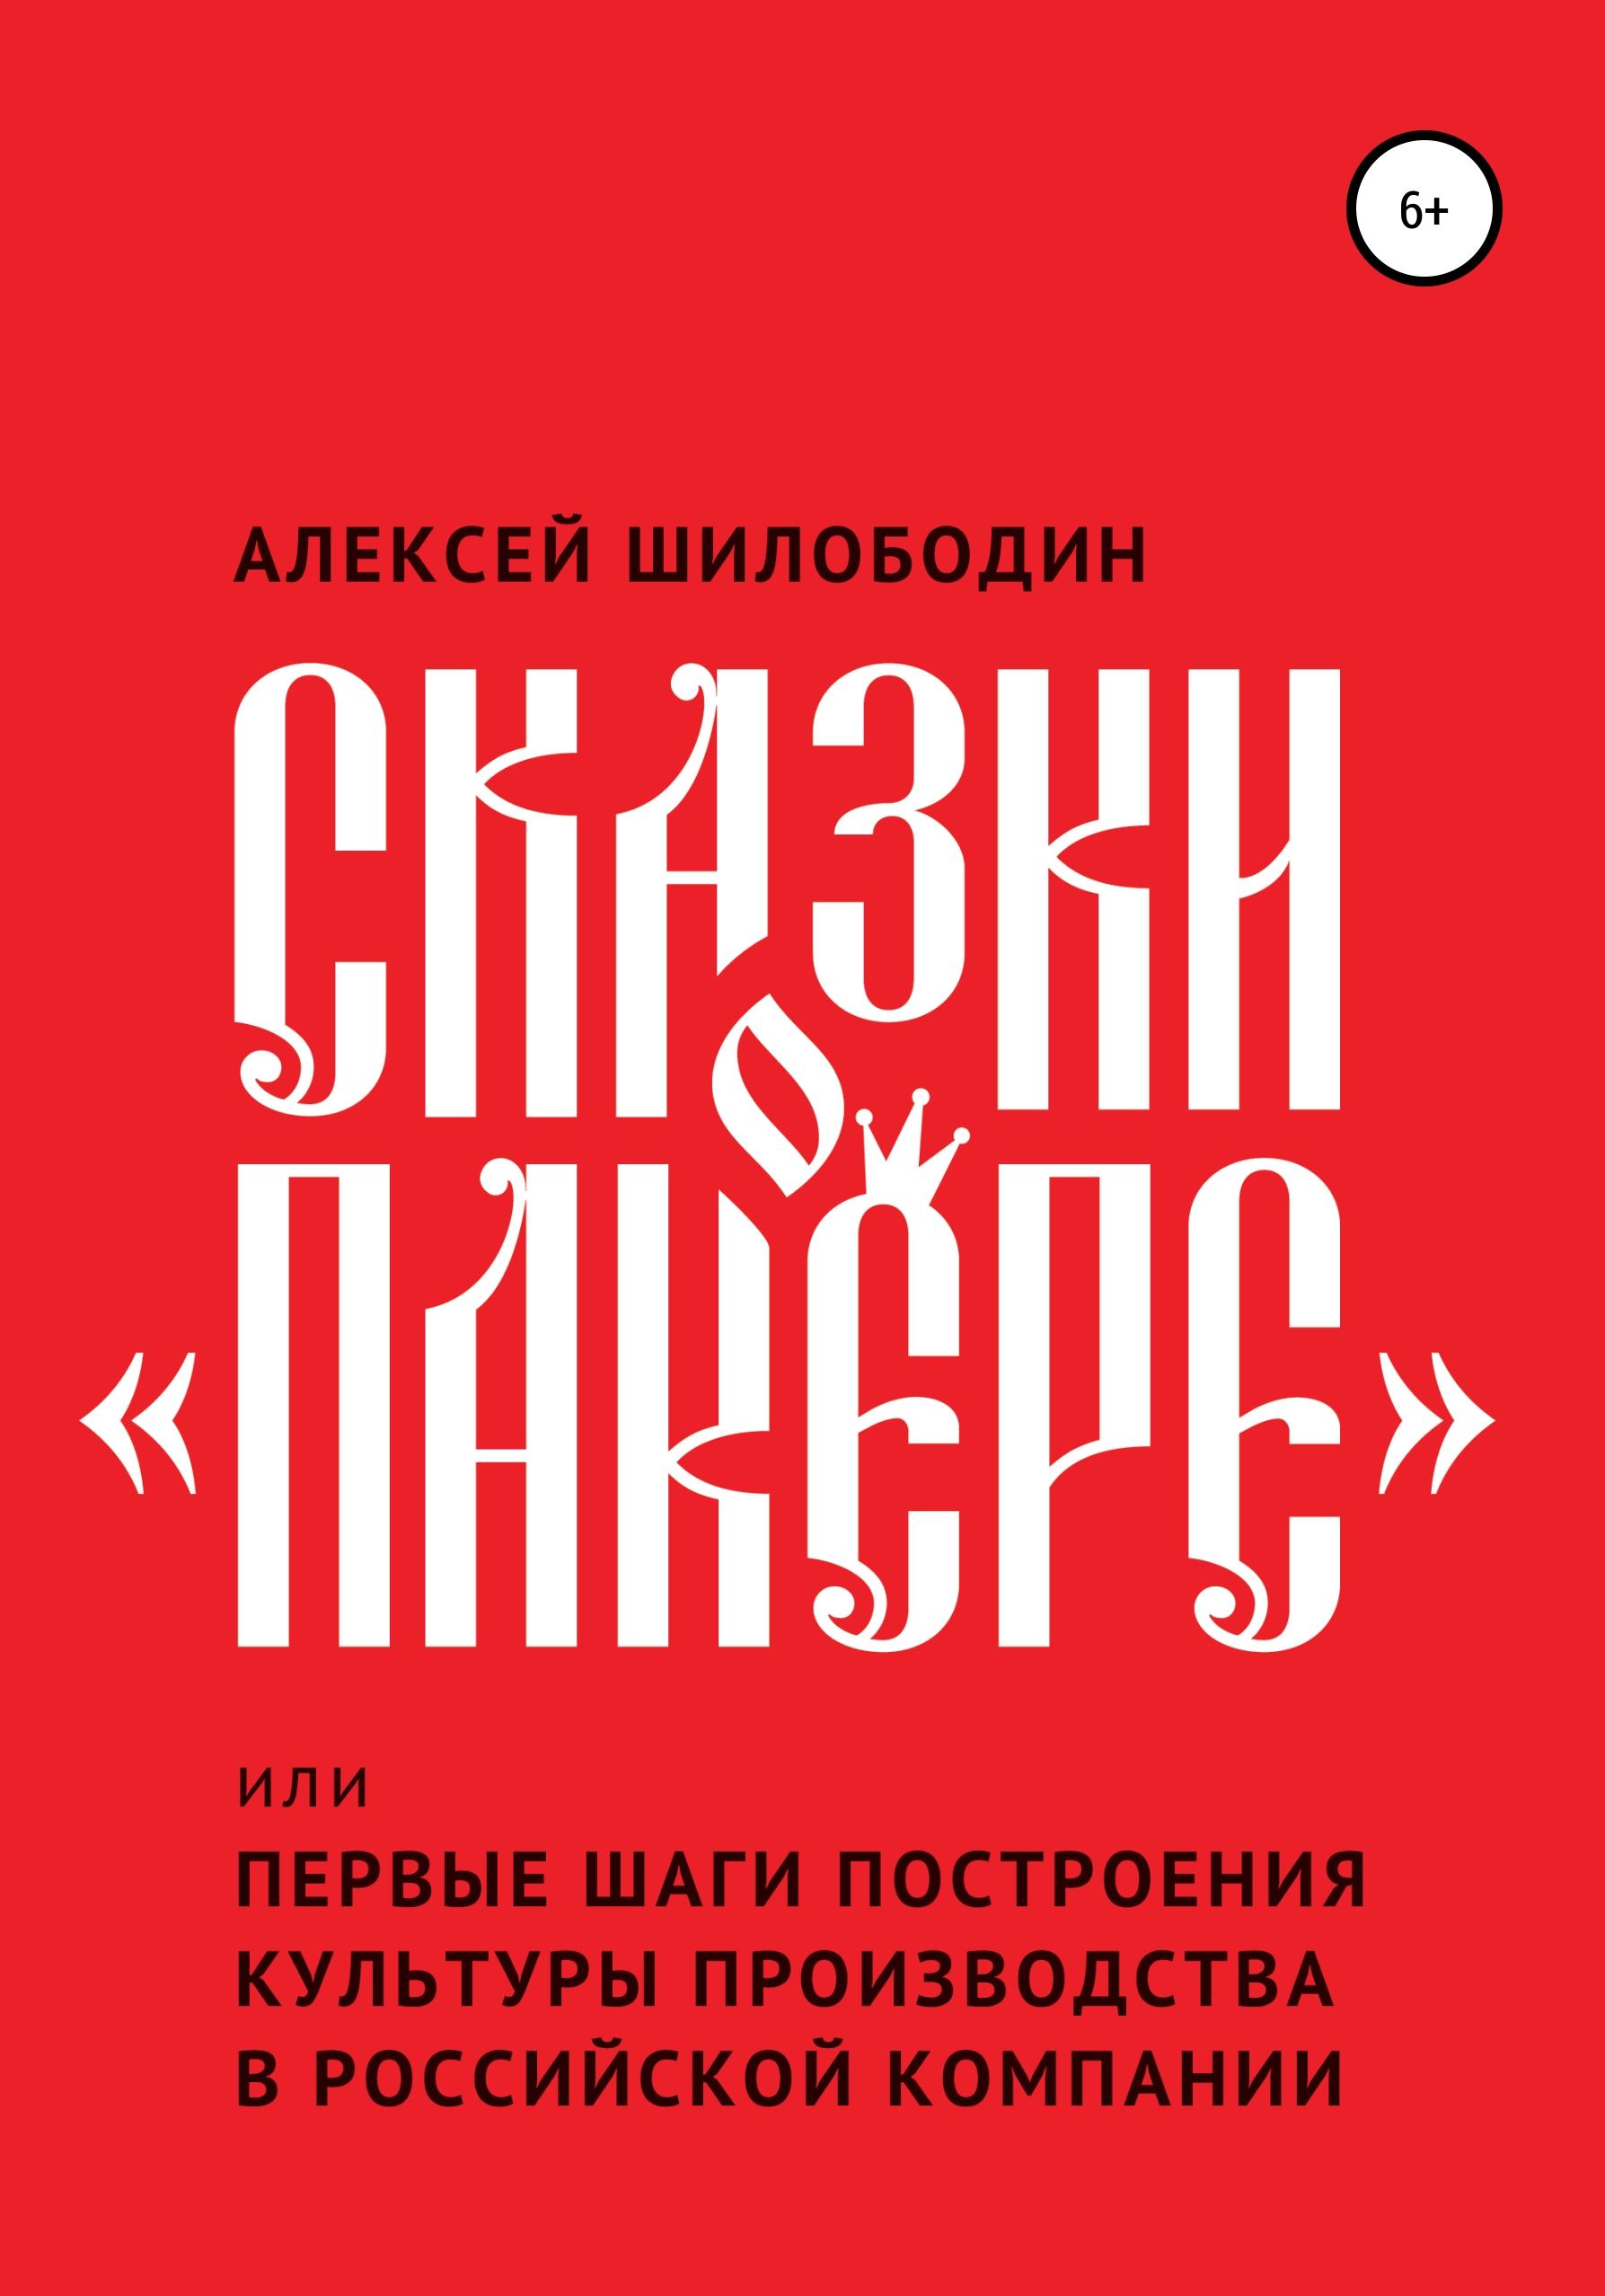 Купить книгу Сказки о «Пакере», или Первые шаги построения культуры производства в российской компании, автора Алексея Шилободина